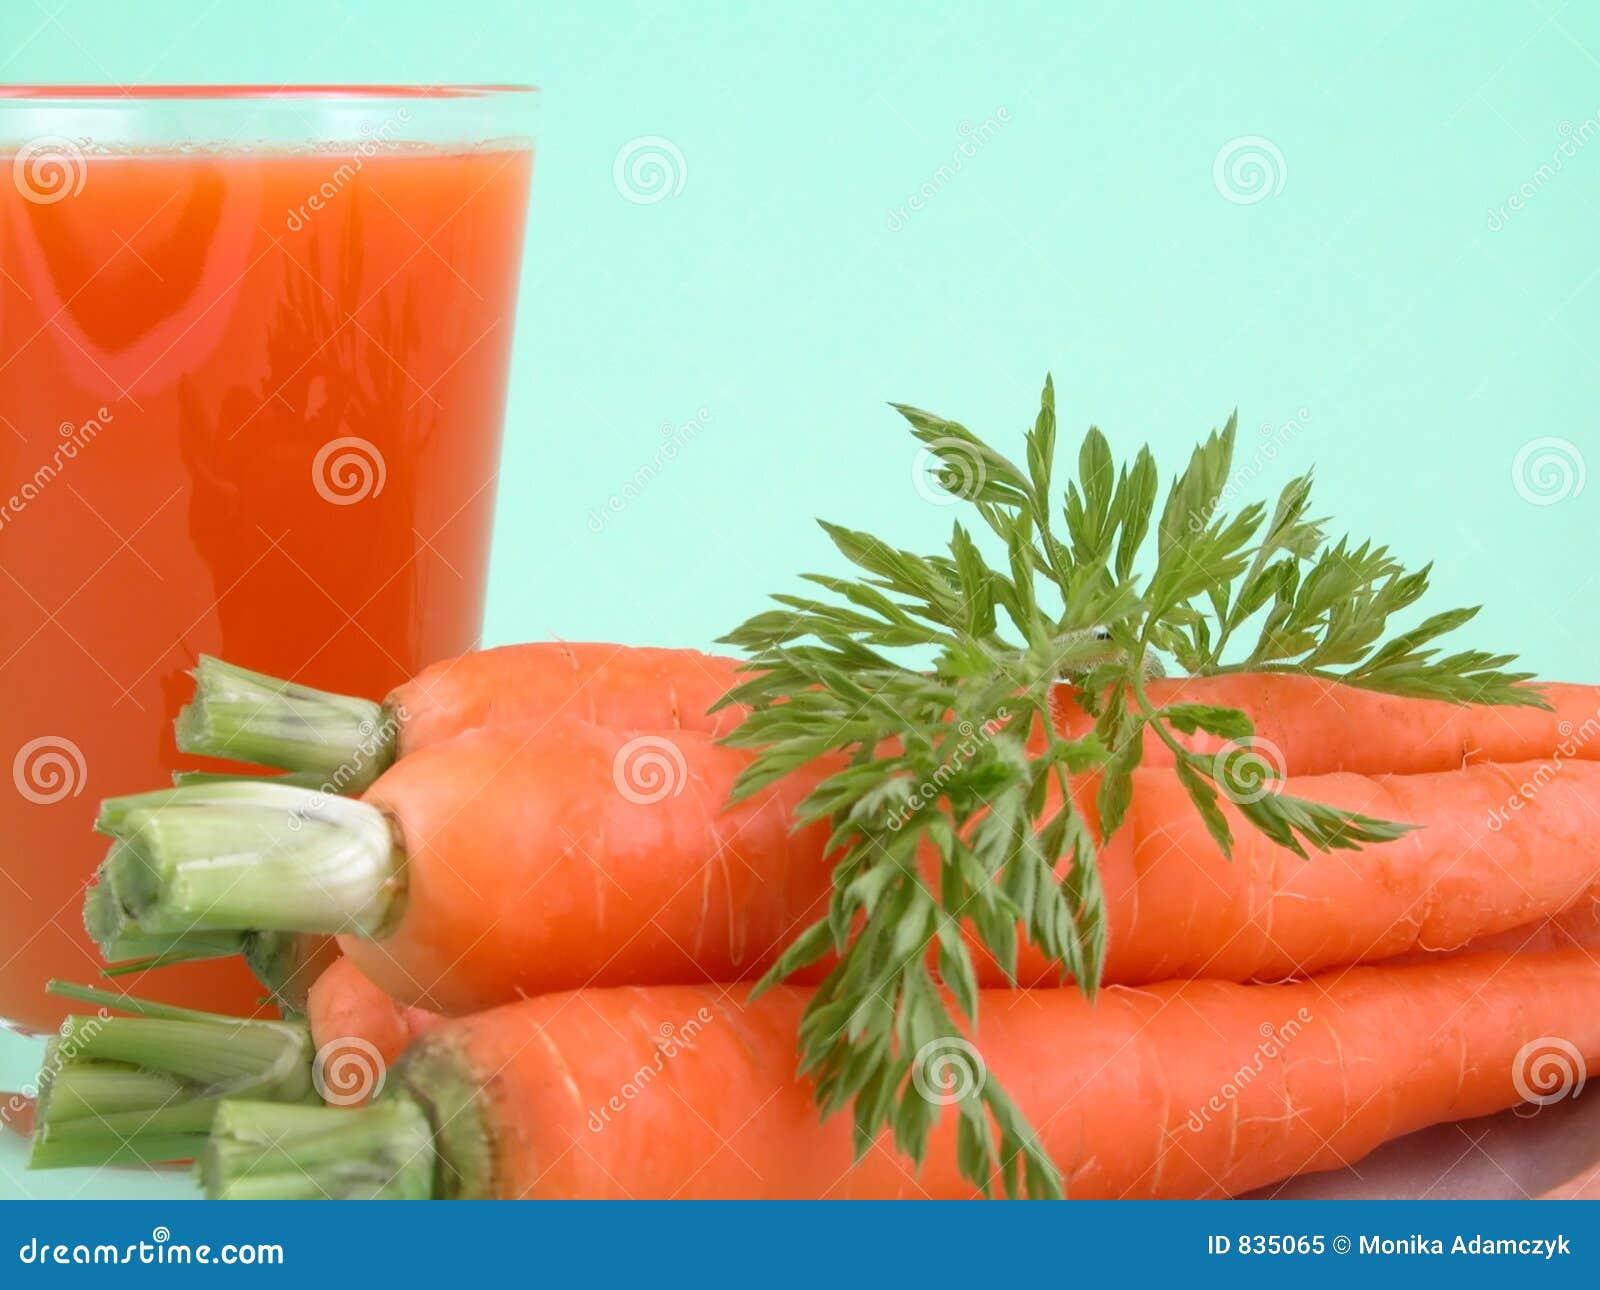 Natural carrot juice